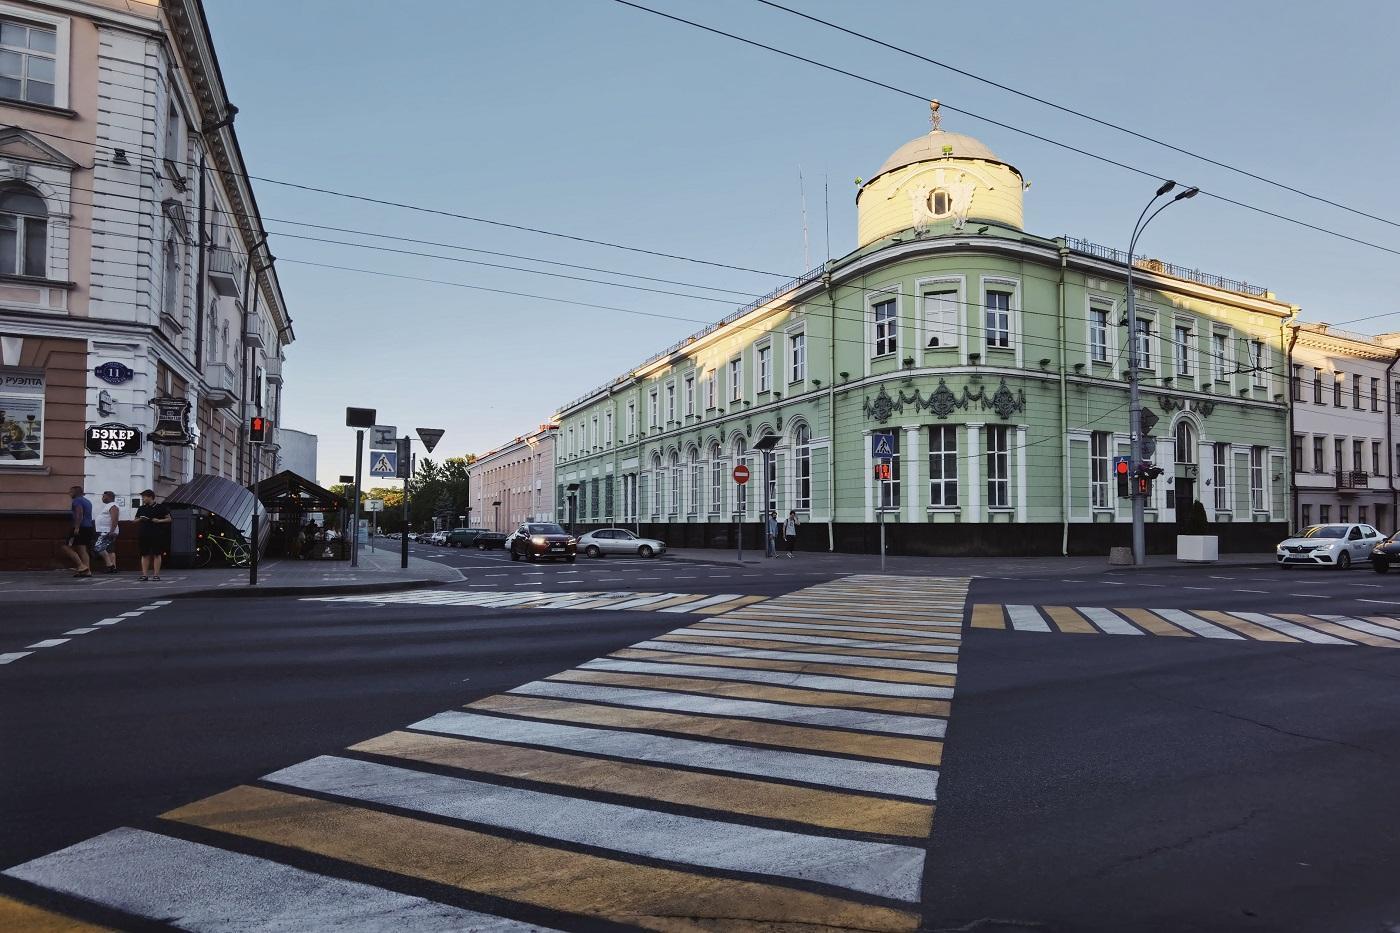 Гомель, Беларусь. Снято @dmitry_rak